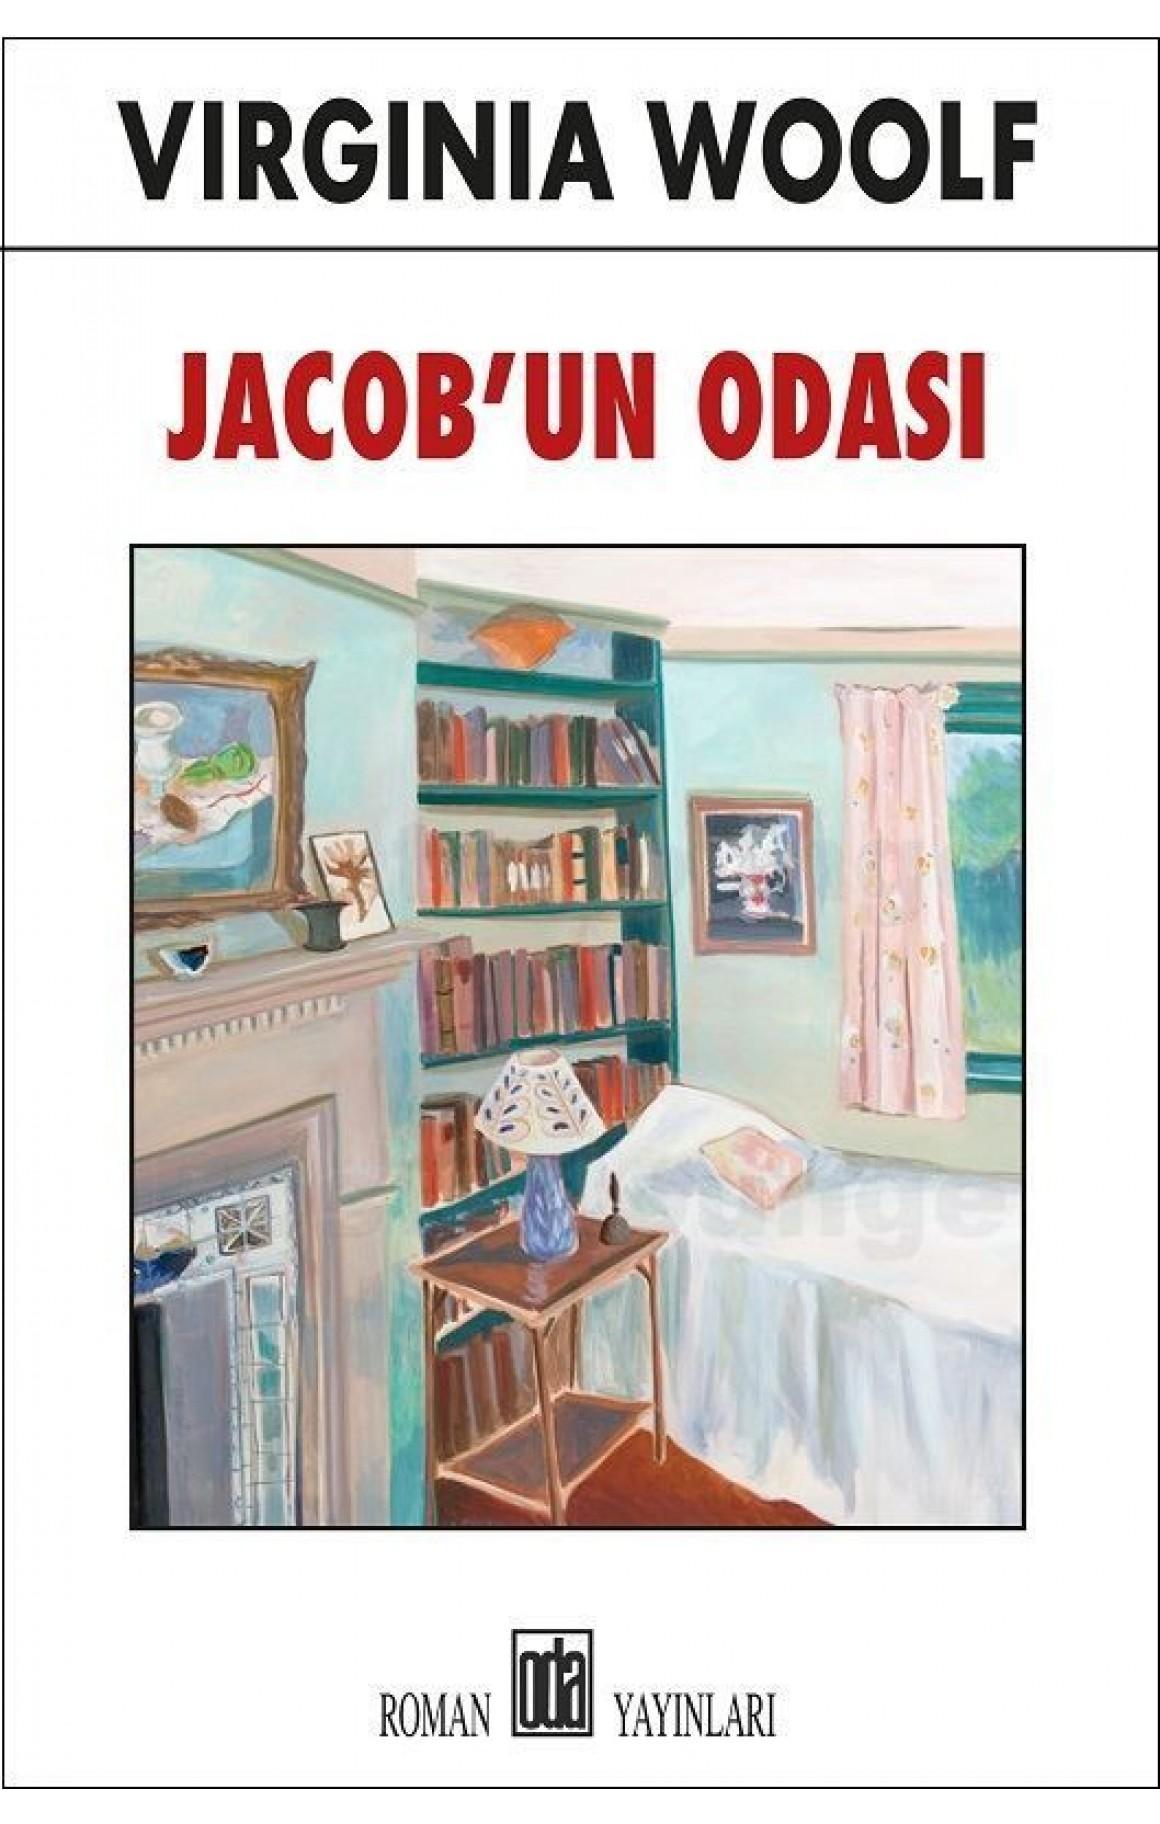 Jacobun Odası